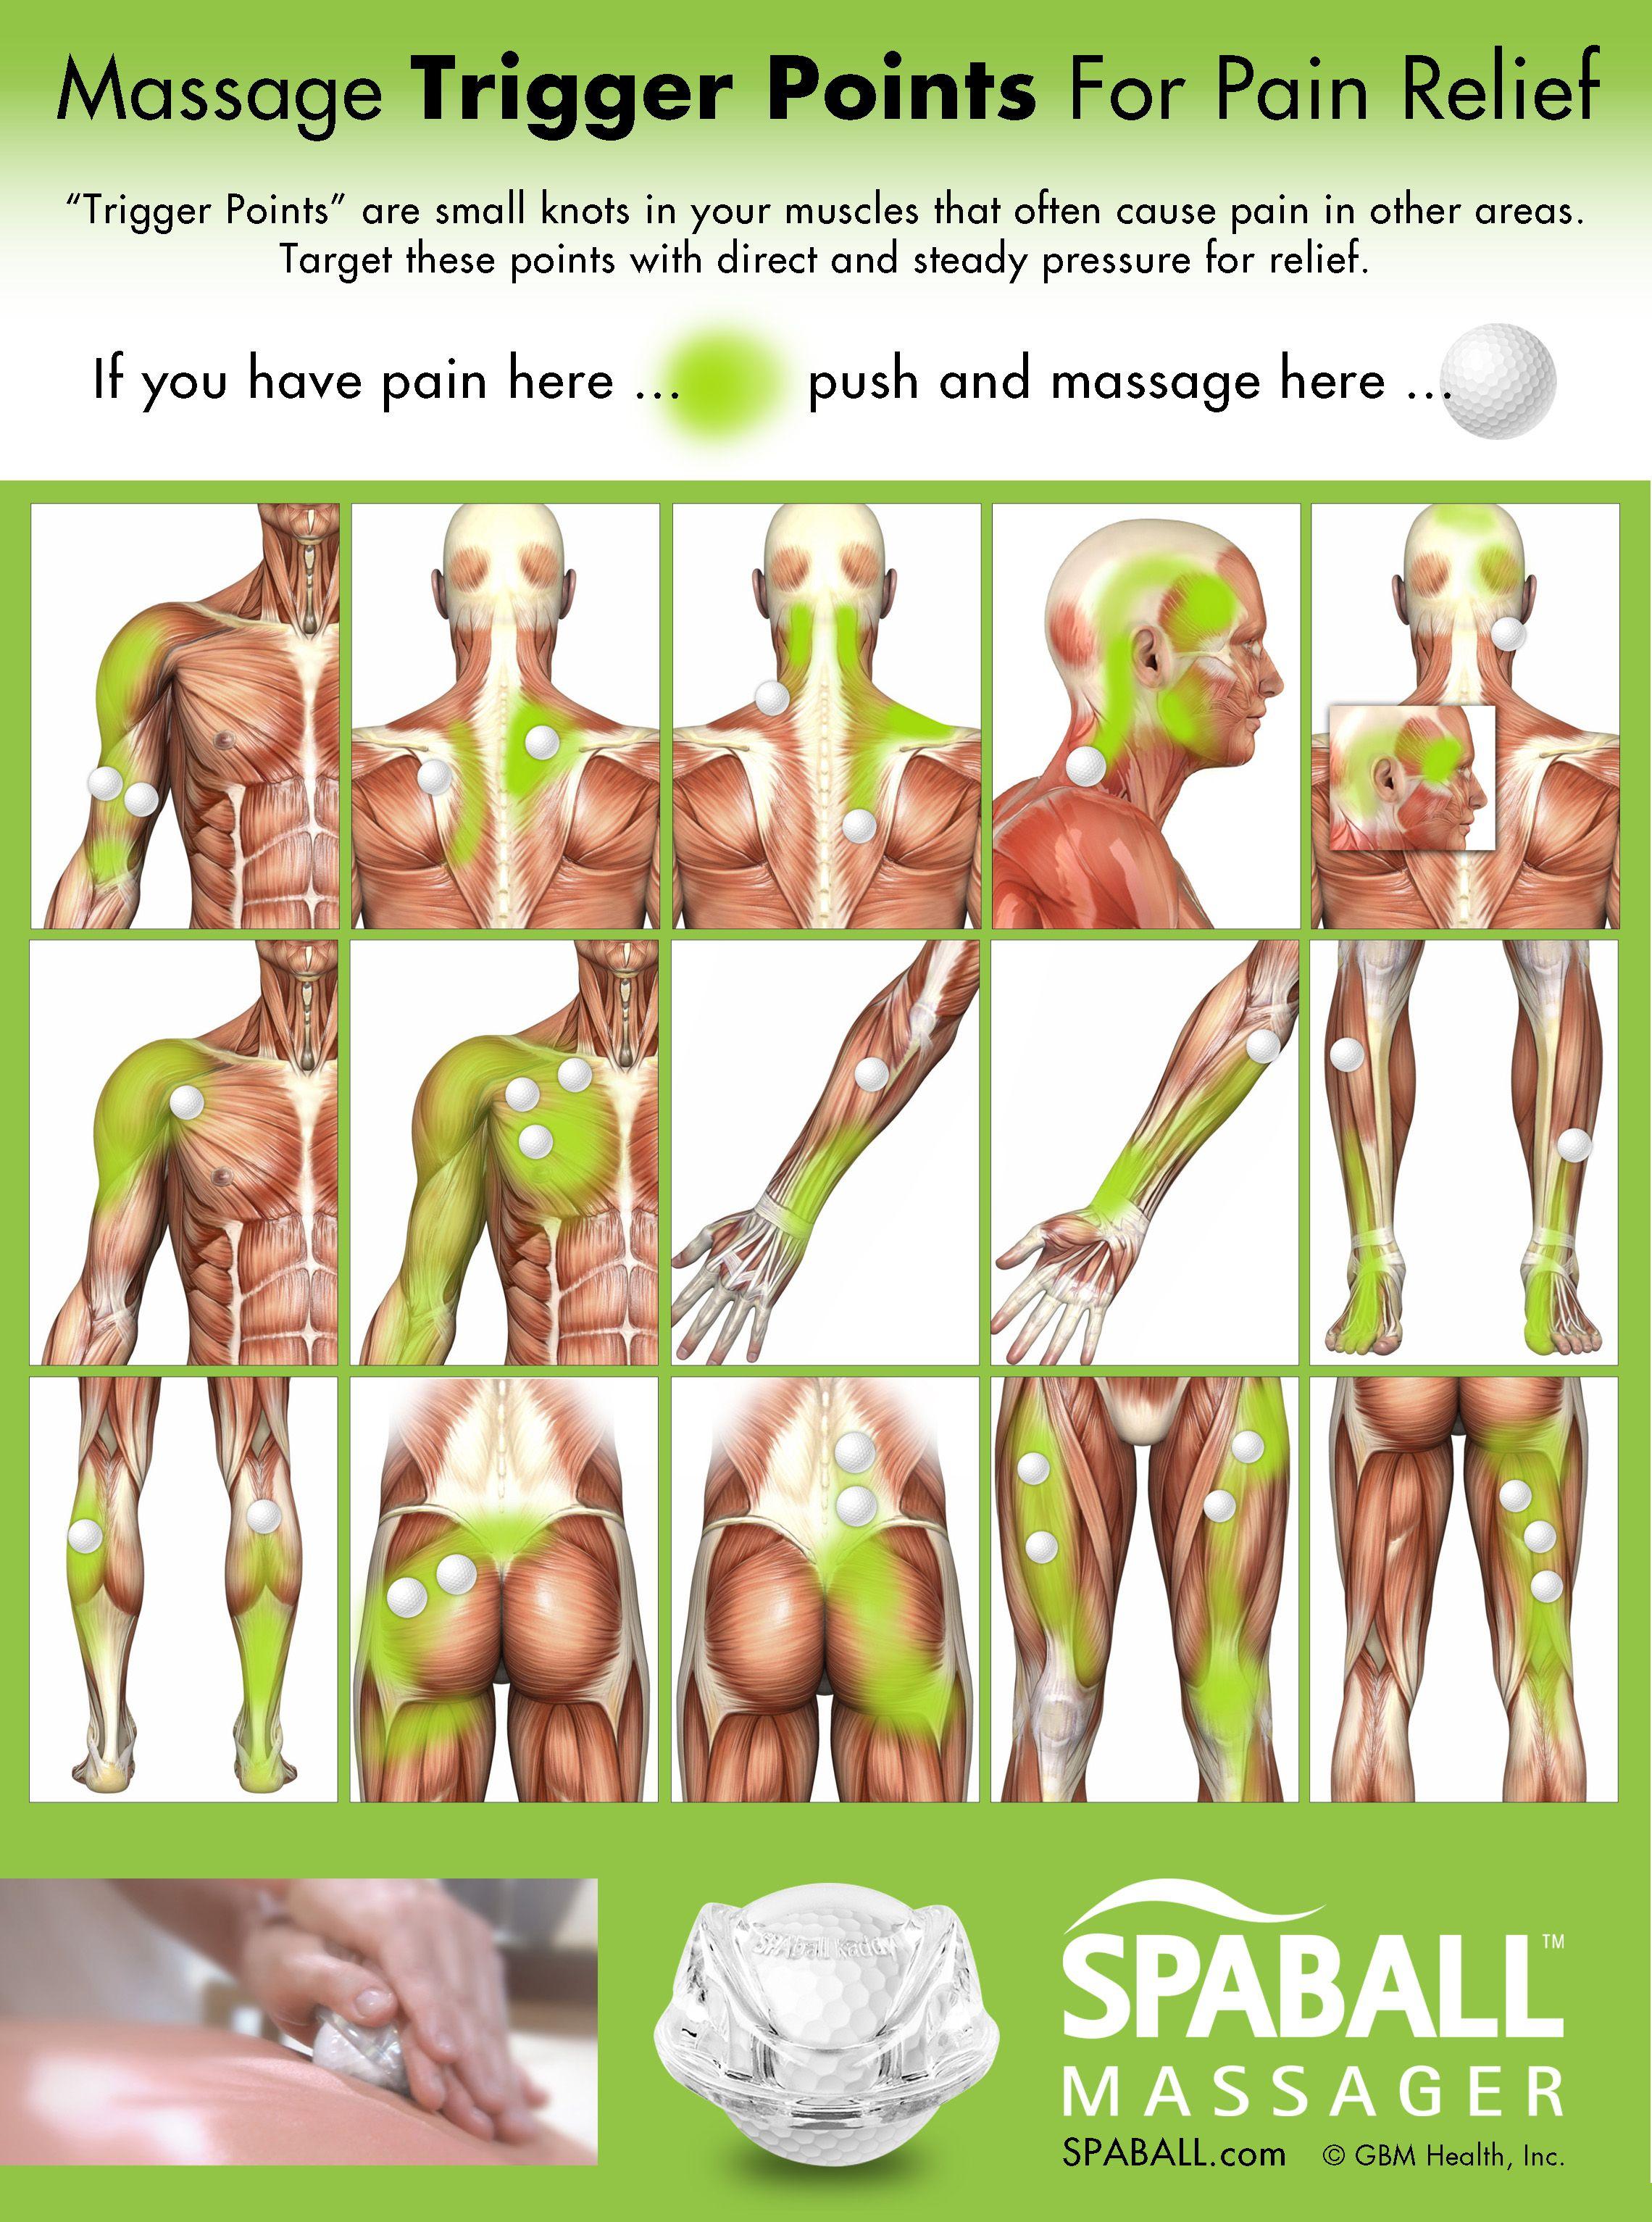 ujjízület gyulladás a stroke-ból kezdeti ízületi gyulladás